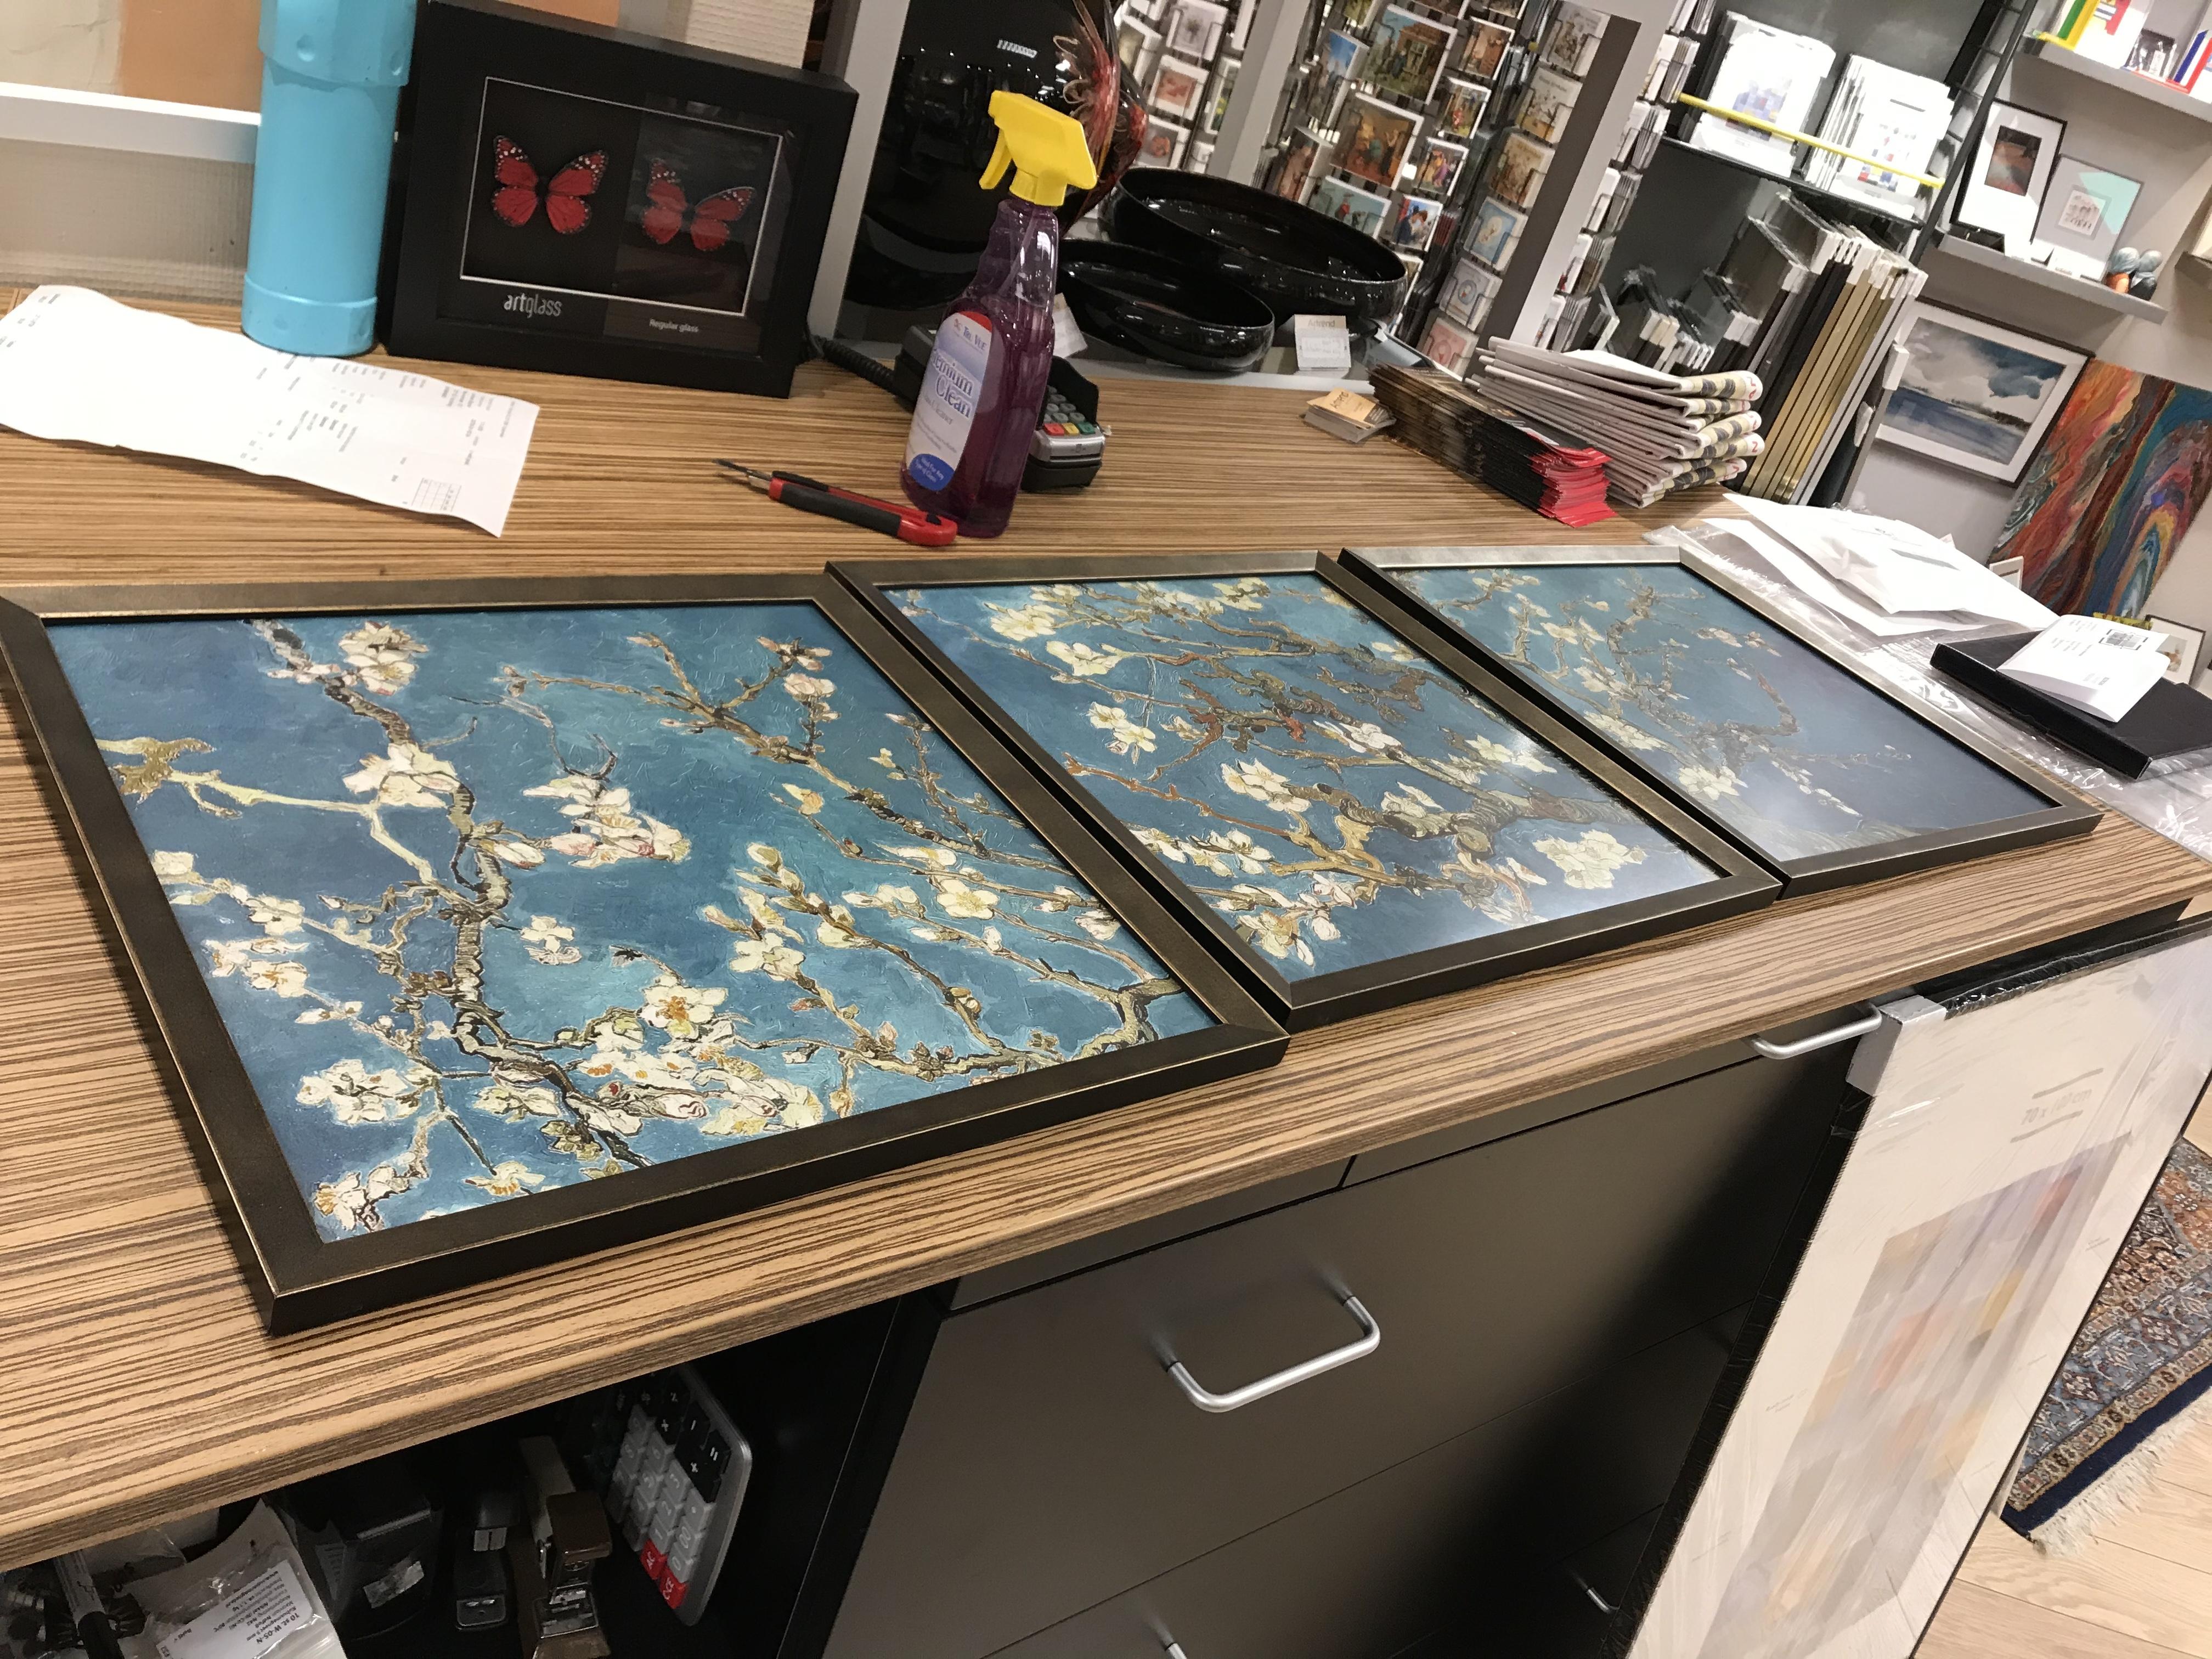 Van Gogh printserie mooi ingelijsd